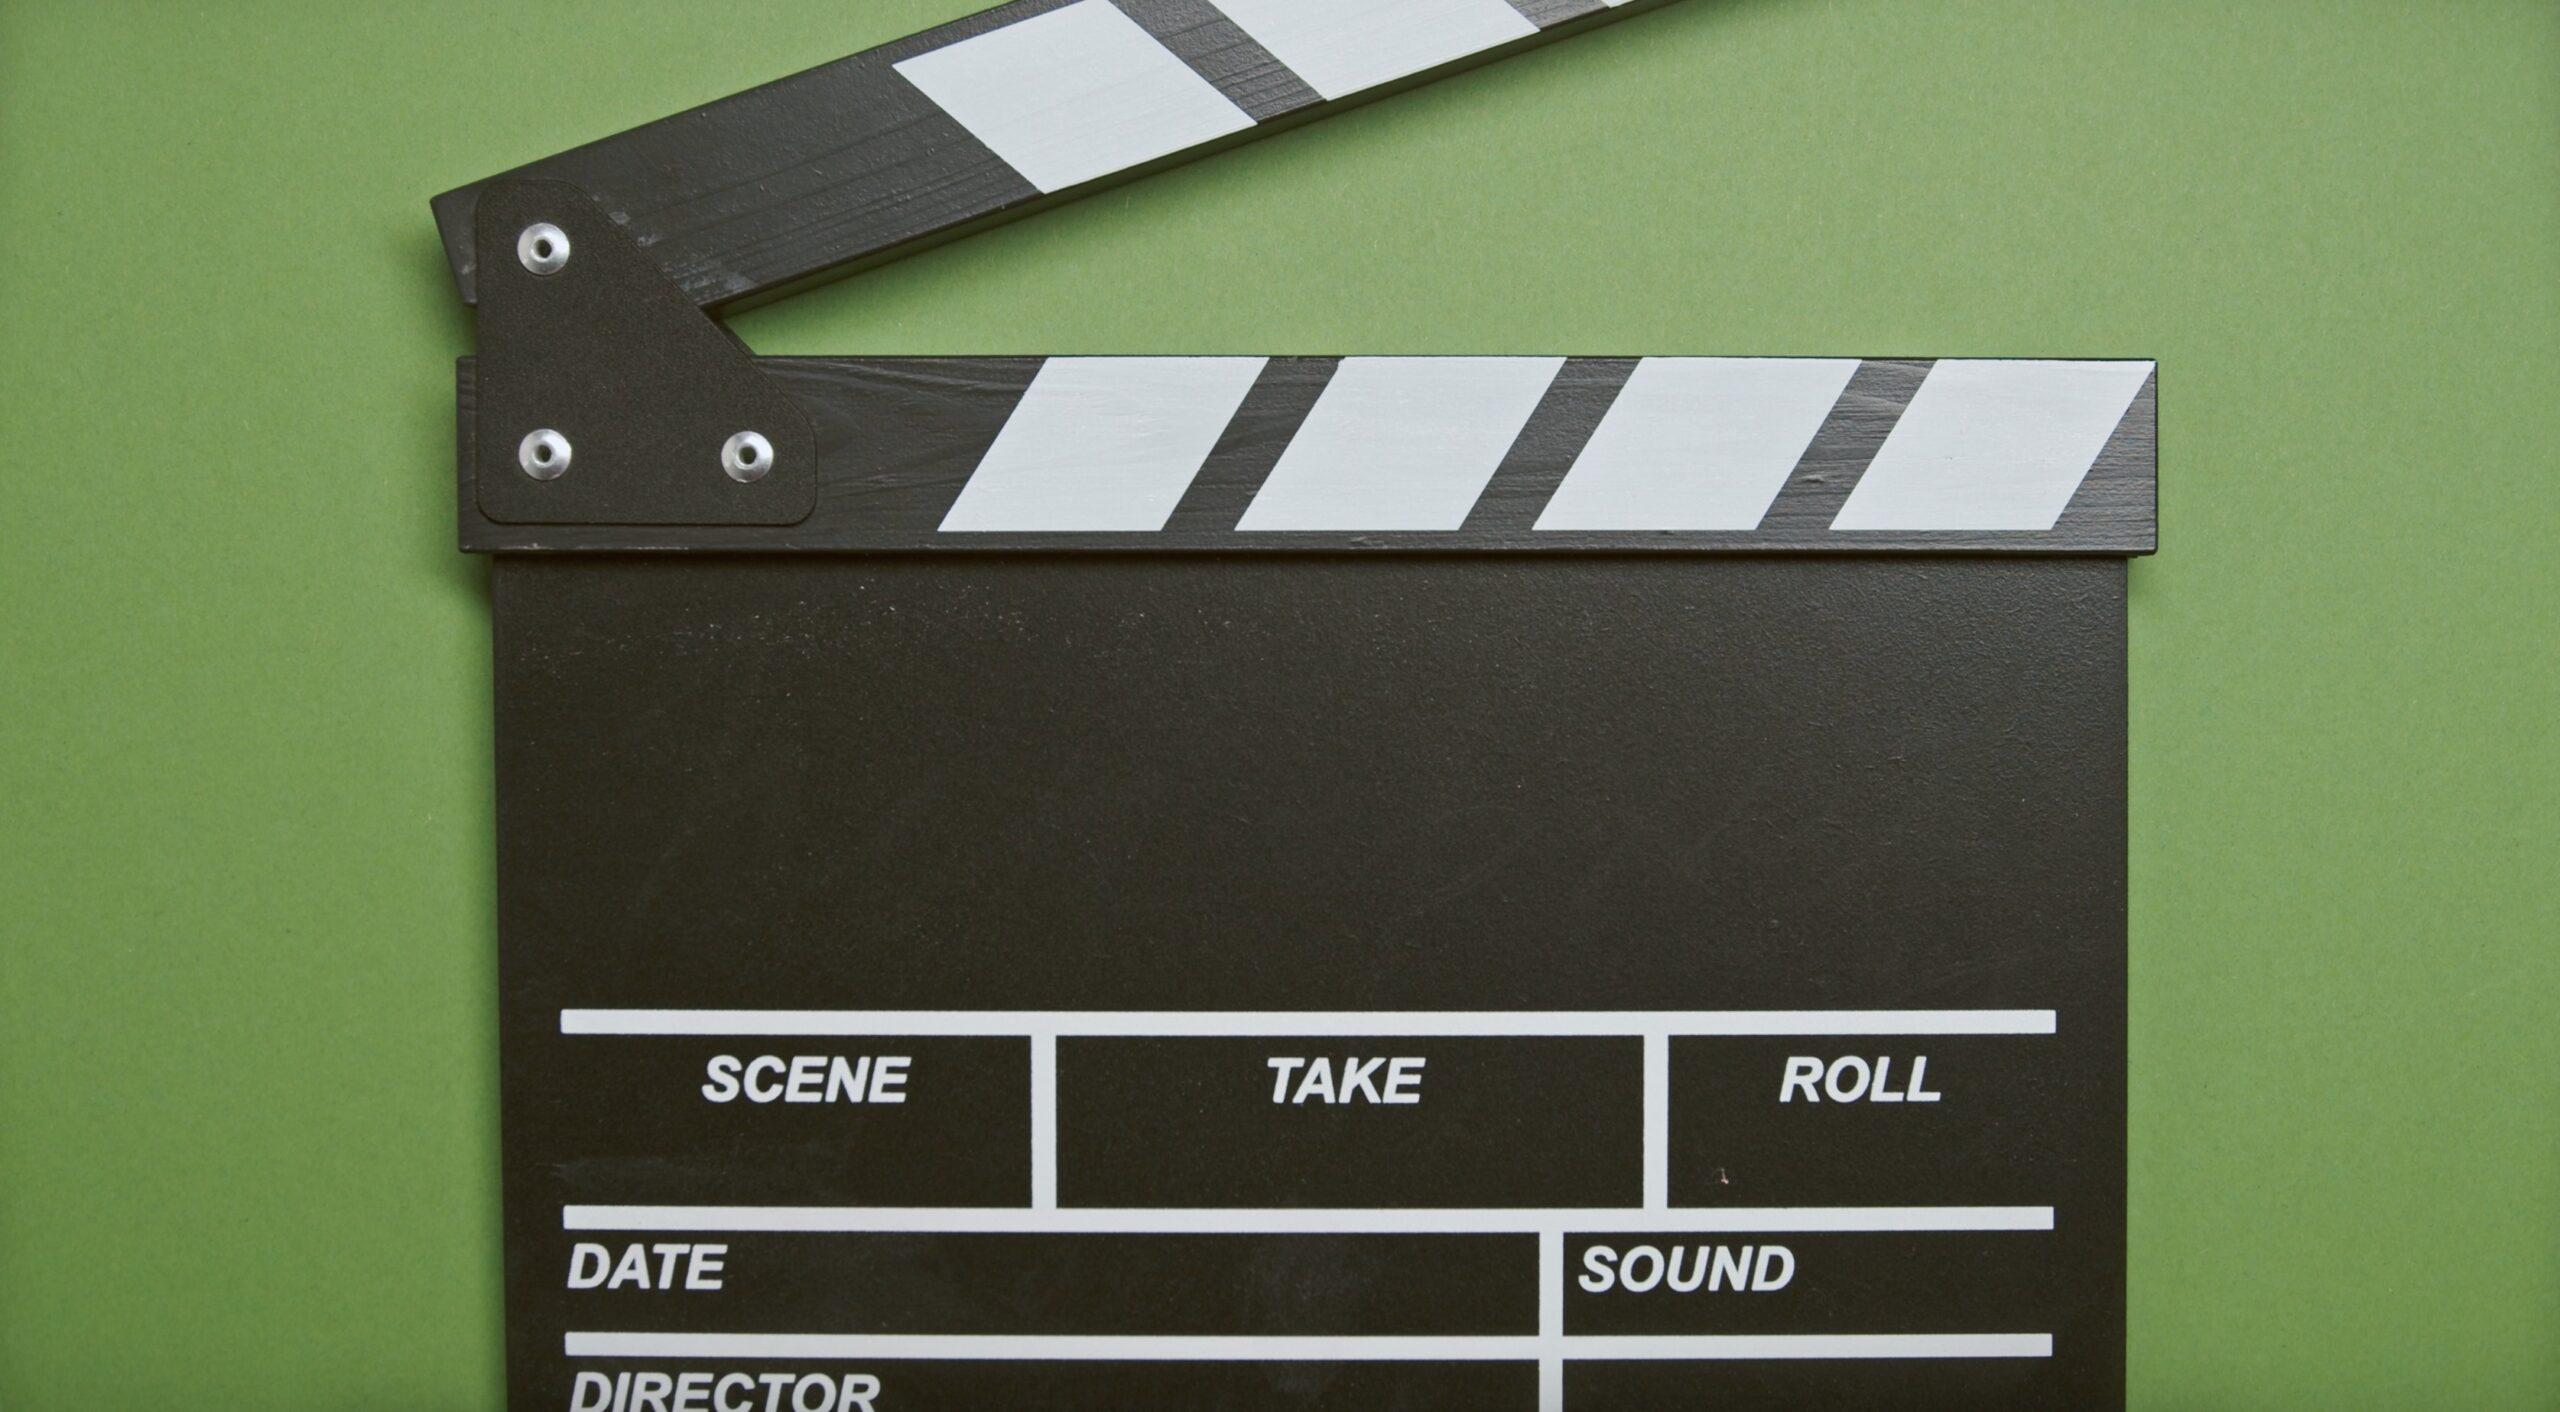 動画広告や映画から感動する映像を作るためのコツを掴もう